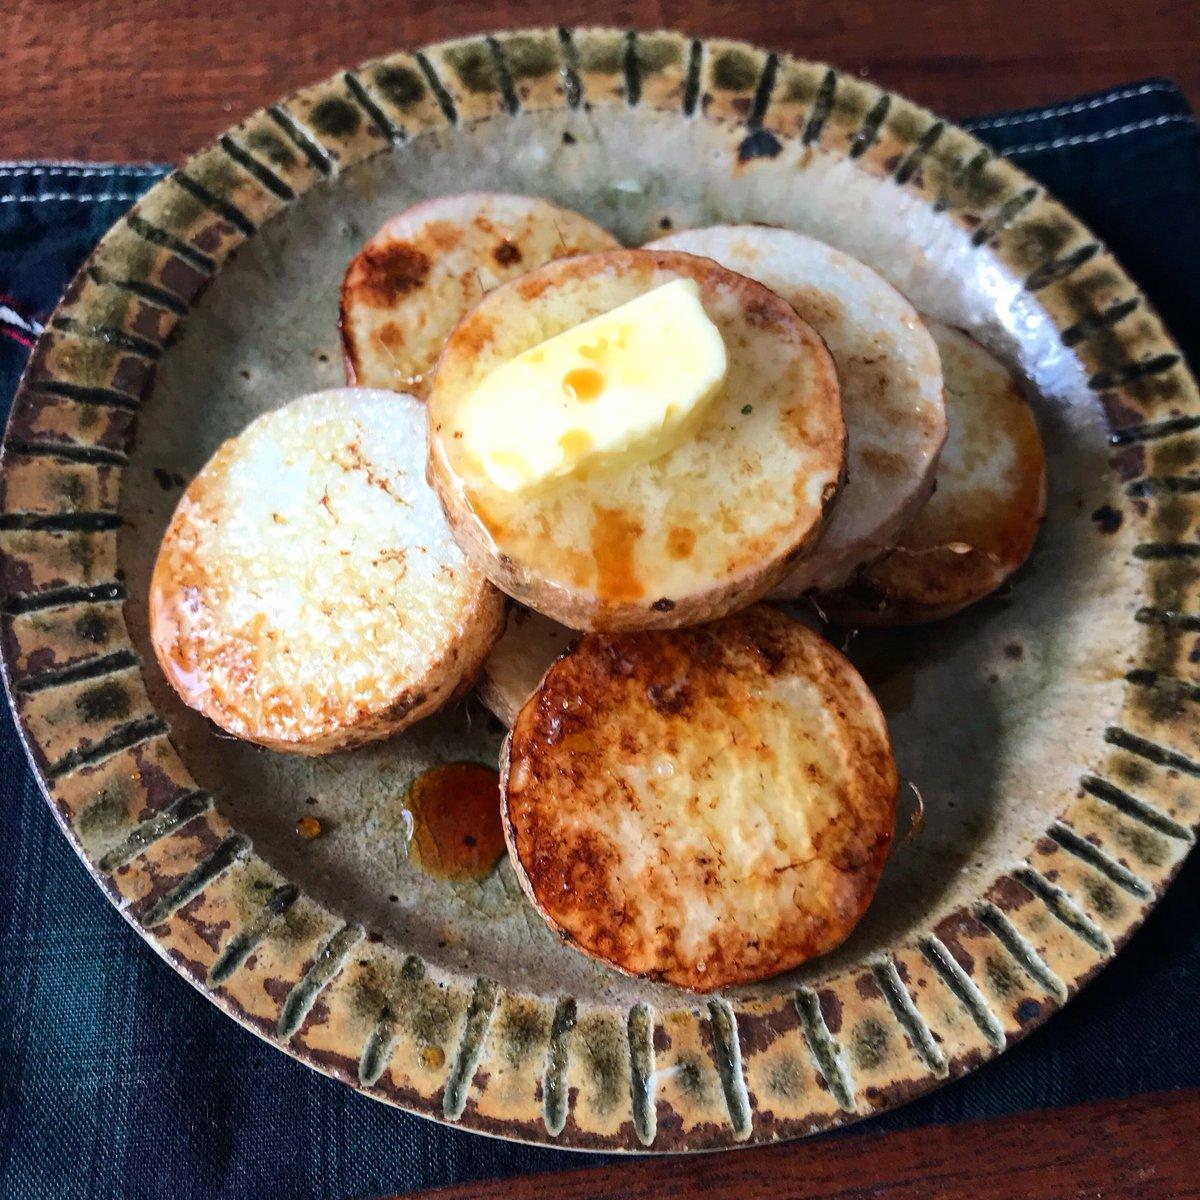 野菜不足の方、春休み、給食なくて困っている方に大好きなだししょうゆを全力でお勧めしたい。茹でたオクラ、焼いたナス…かけるだけで1品できます!【長芋のだししょうゆバター】長芋を皮ごと輪切りにして油で焼き、バター乗せてだししょうゆかけるだけ皮が香ばしくて絶品です‼️